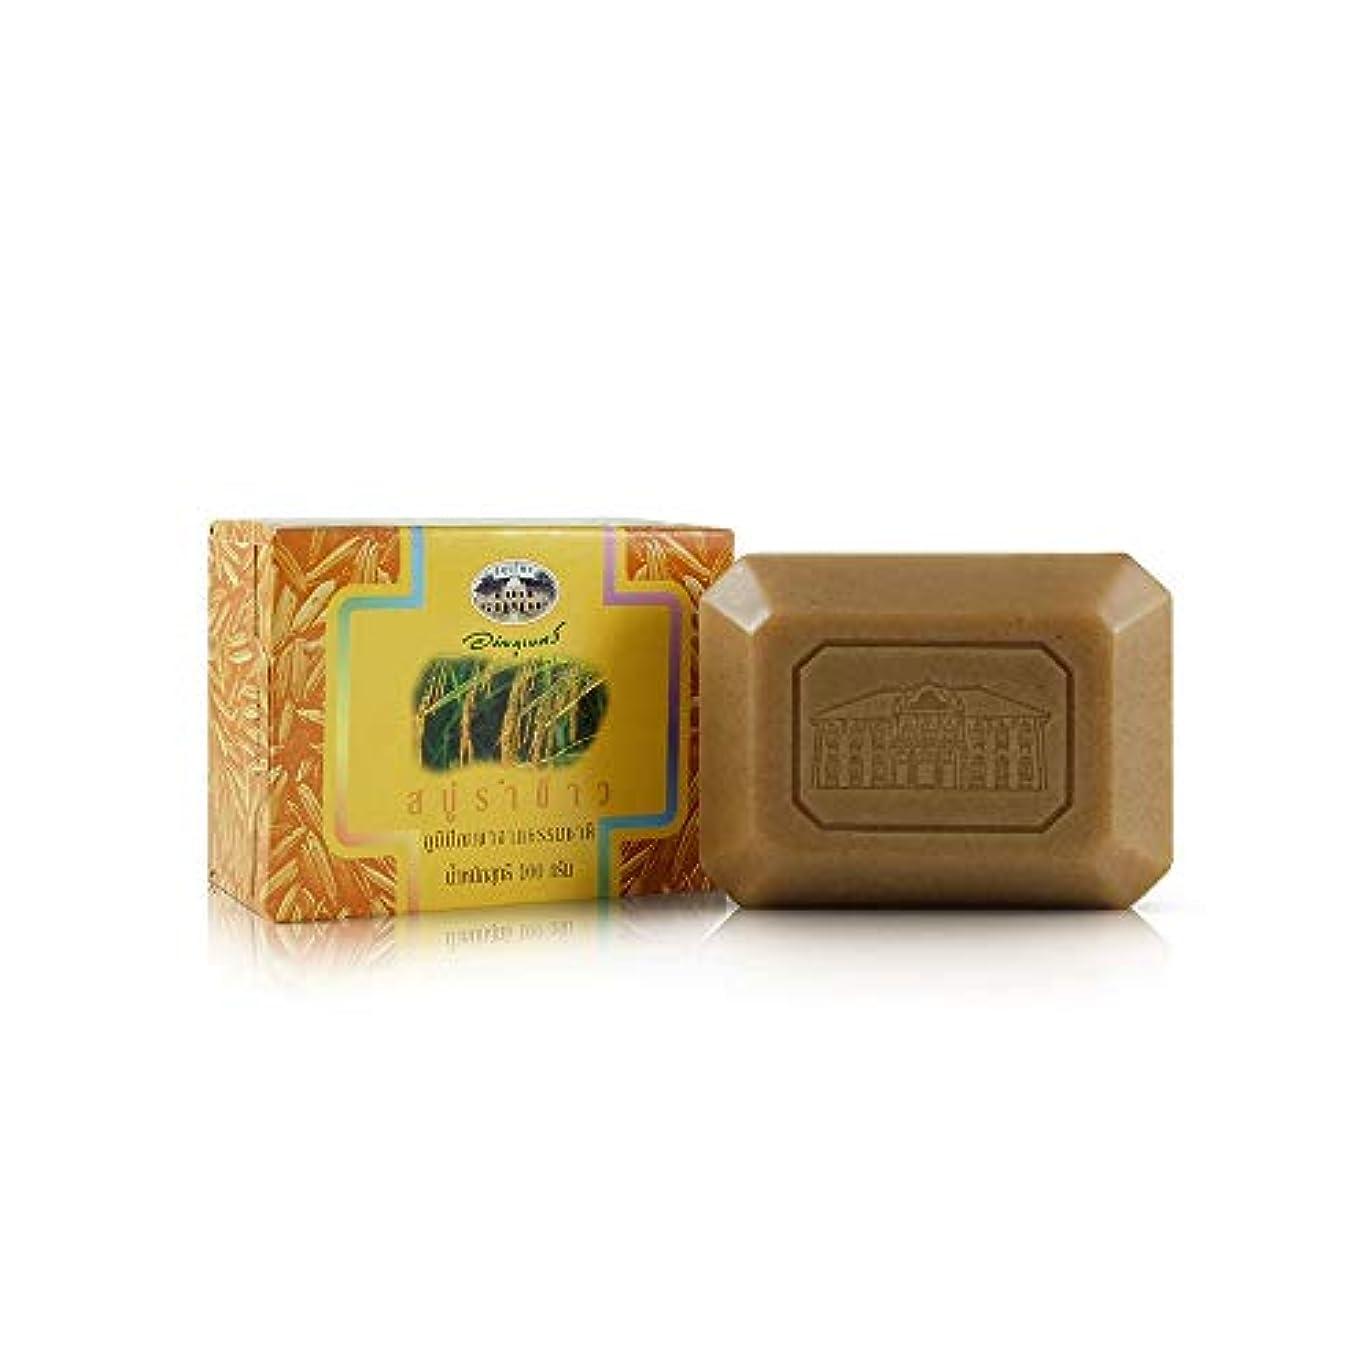 ぜいたくジョセフバンクス接ぎ木Abhaibhubejhr Rice Bran Herbal Body Cleansing Soap 100g. Abhaibhubejhrライスブランハーブボディクレンジングソープ100グラム。